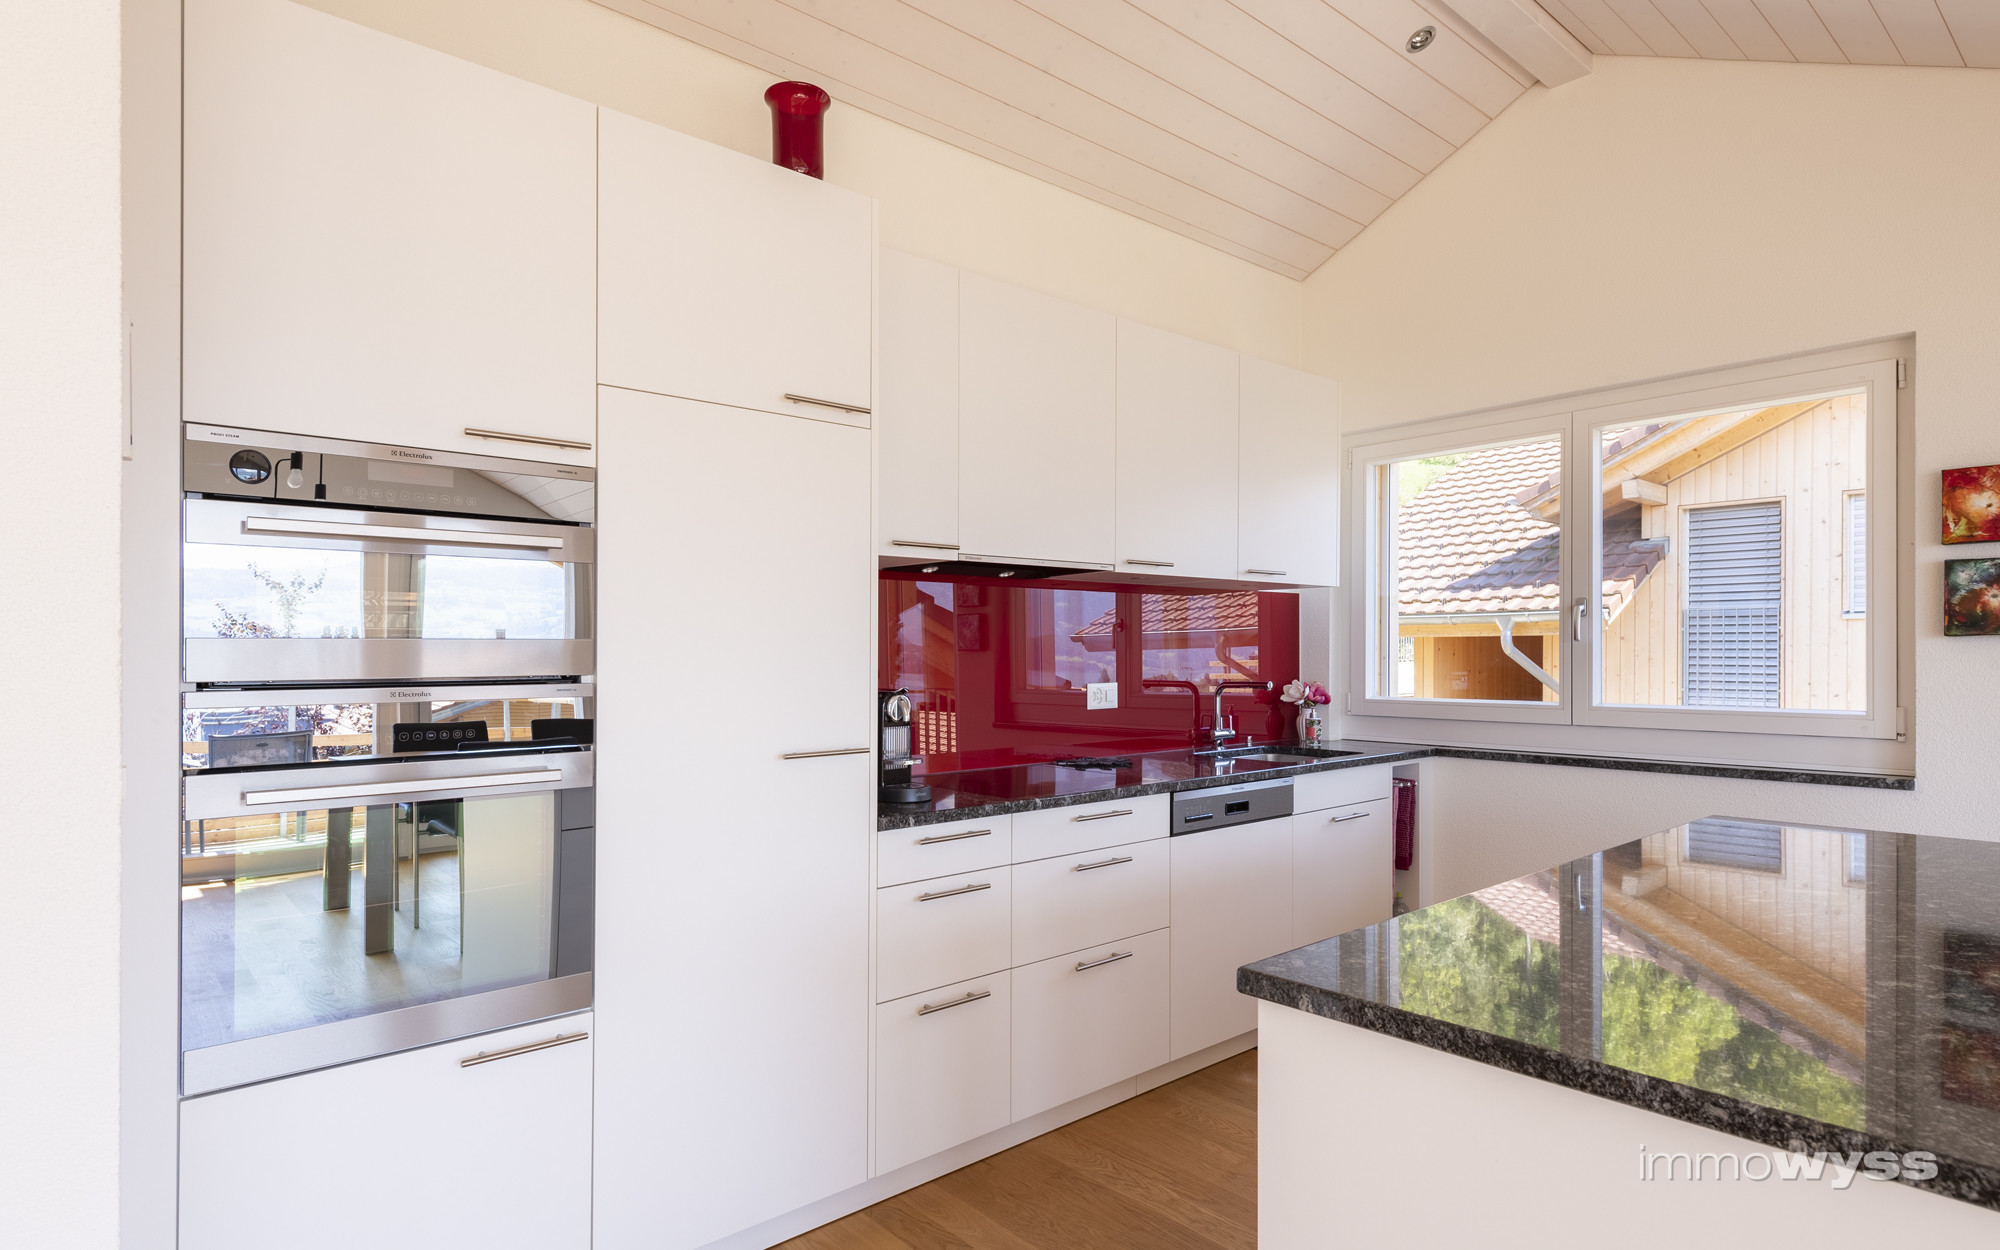 Küche mit exklusiven Küchengeräten